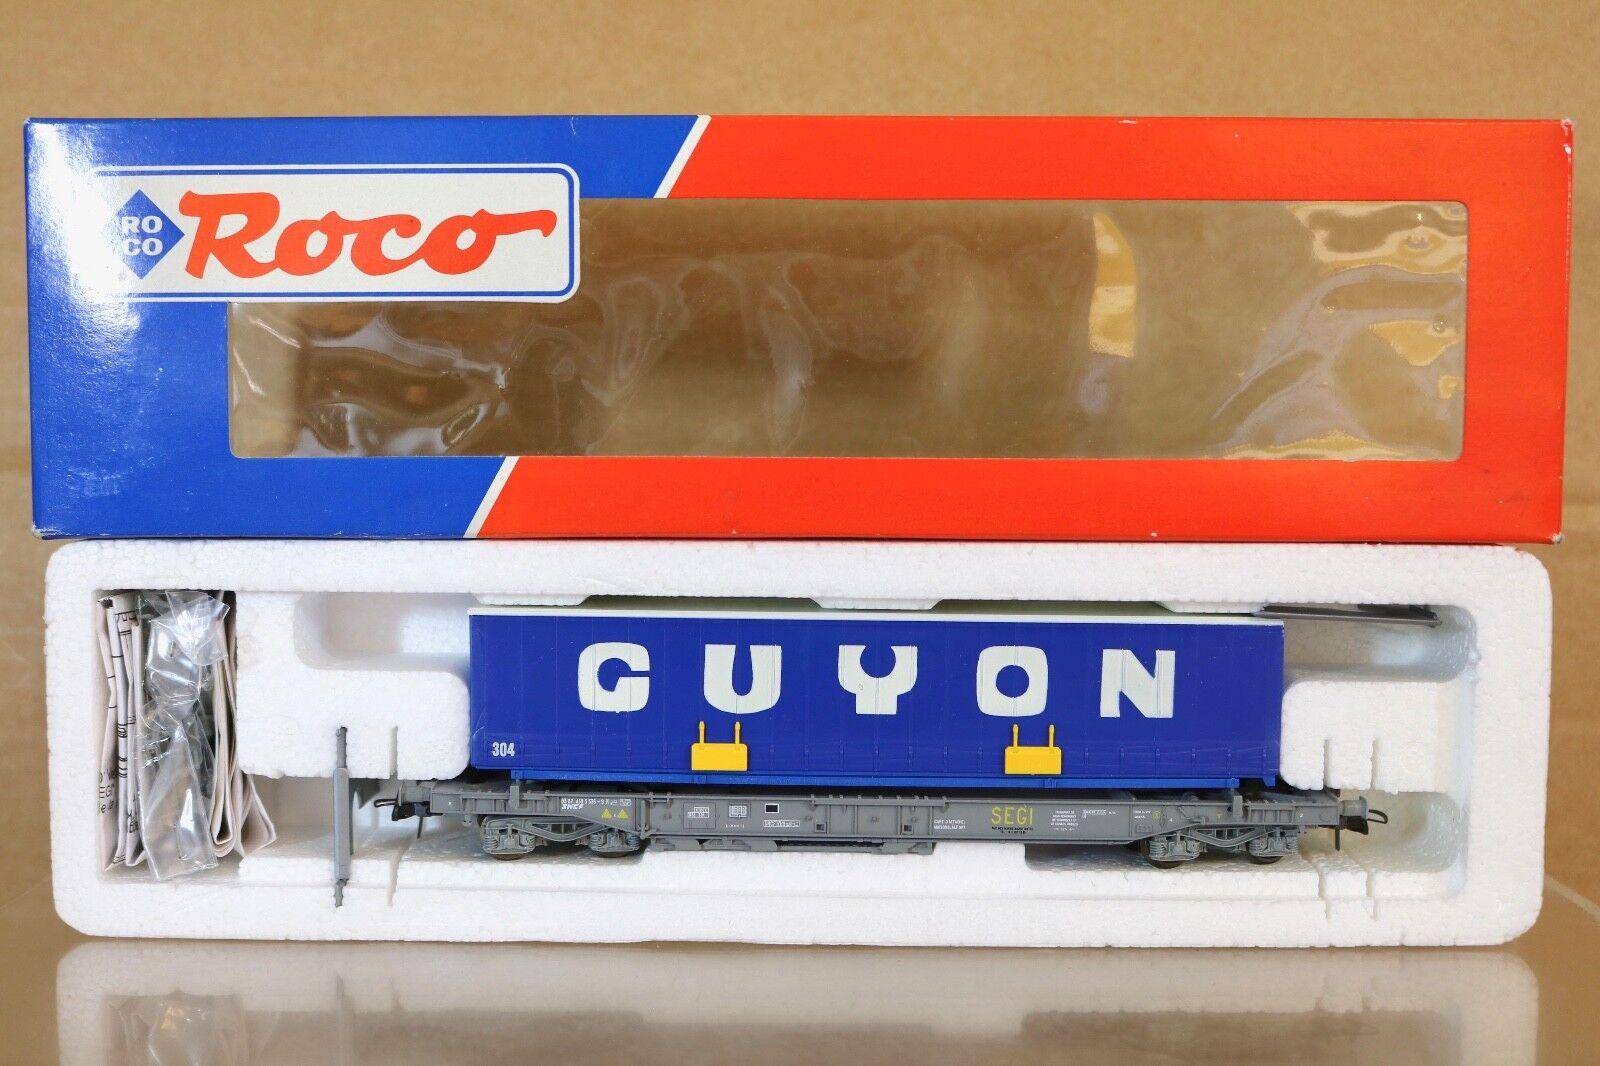 ROCO 46374 SNCF GUYON AVIGNON SEGI TRUCK TRAILER TRANSPORT WAGON MINT scatolaED nq